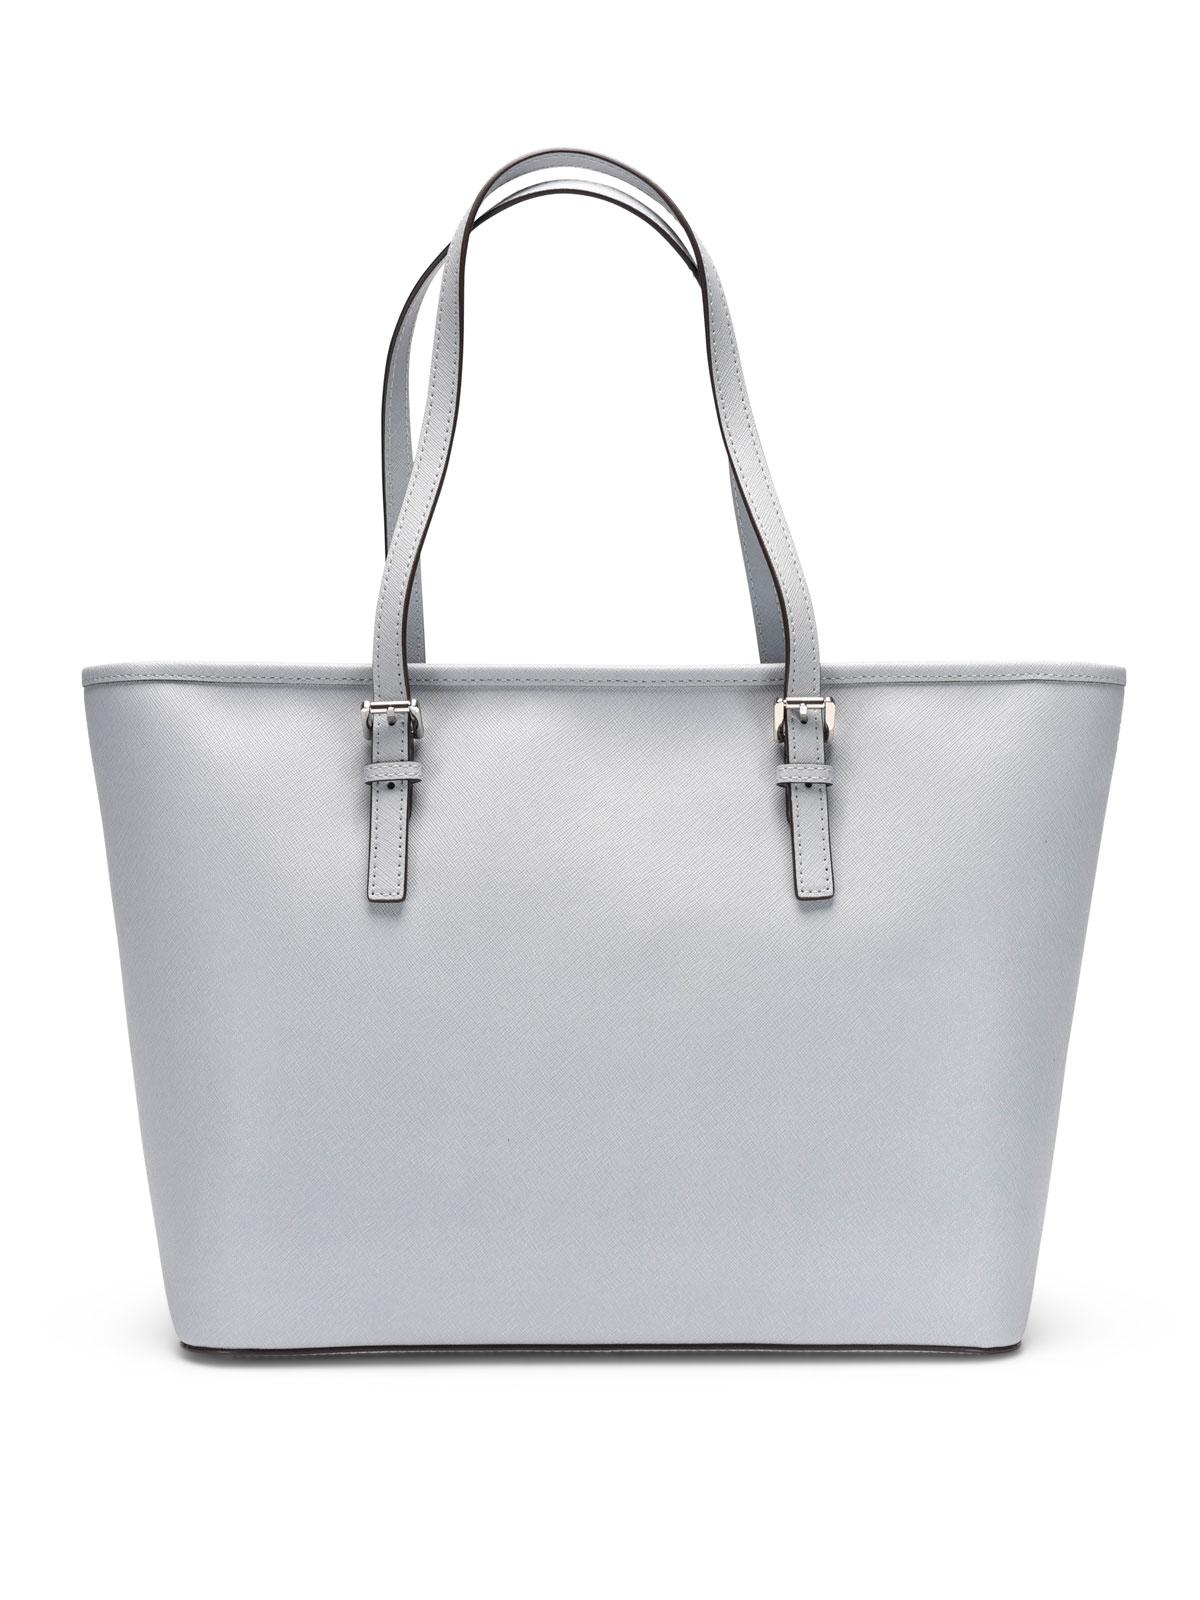 3a19baecce4d0 iKRIX MICHAEL KORS  Handtaschen - Handtasche Jet Set Travel - Grau